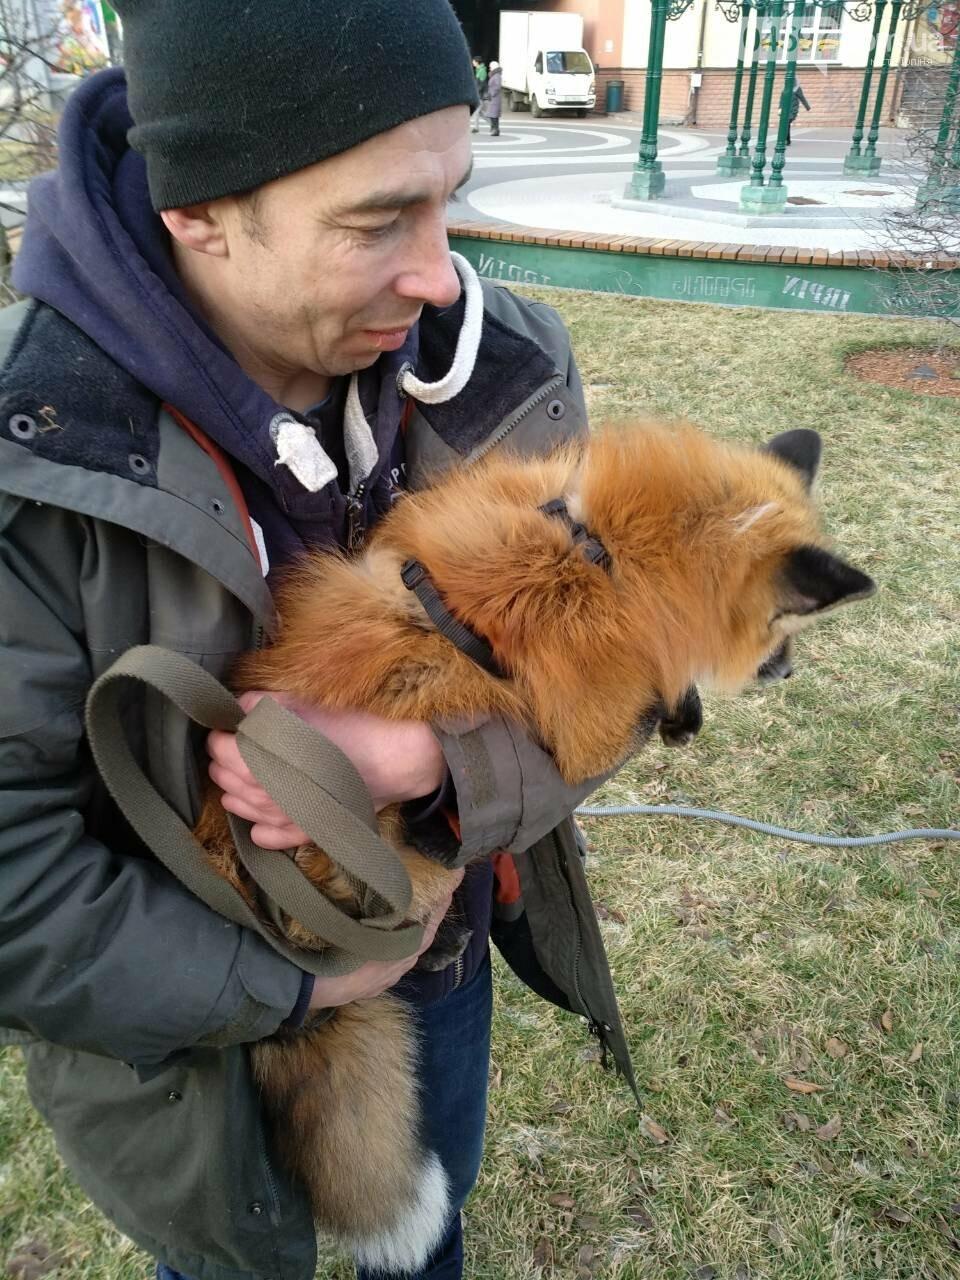 Сьогодні у центрі Ірпеня гуляв справжній лис (фото, відео), фото-3